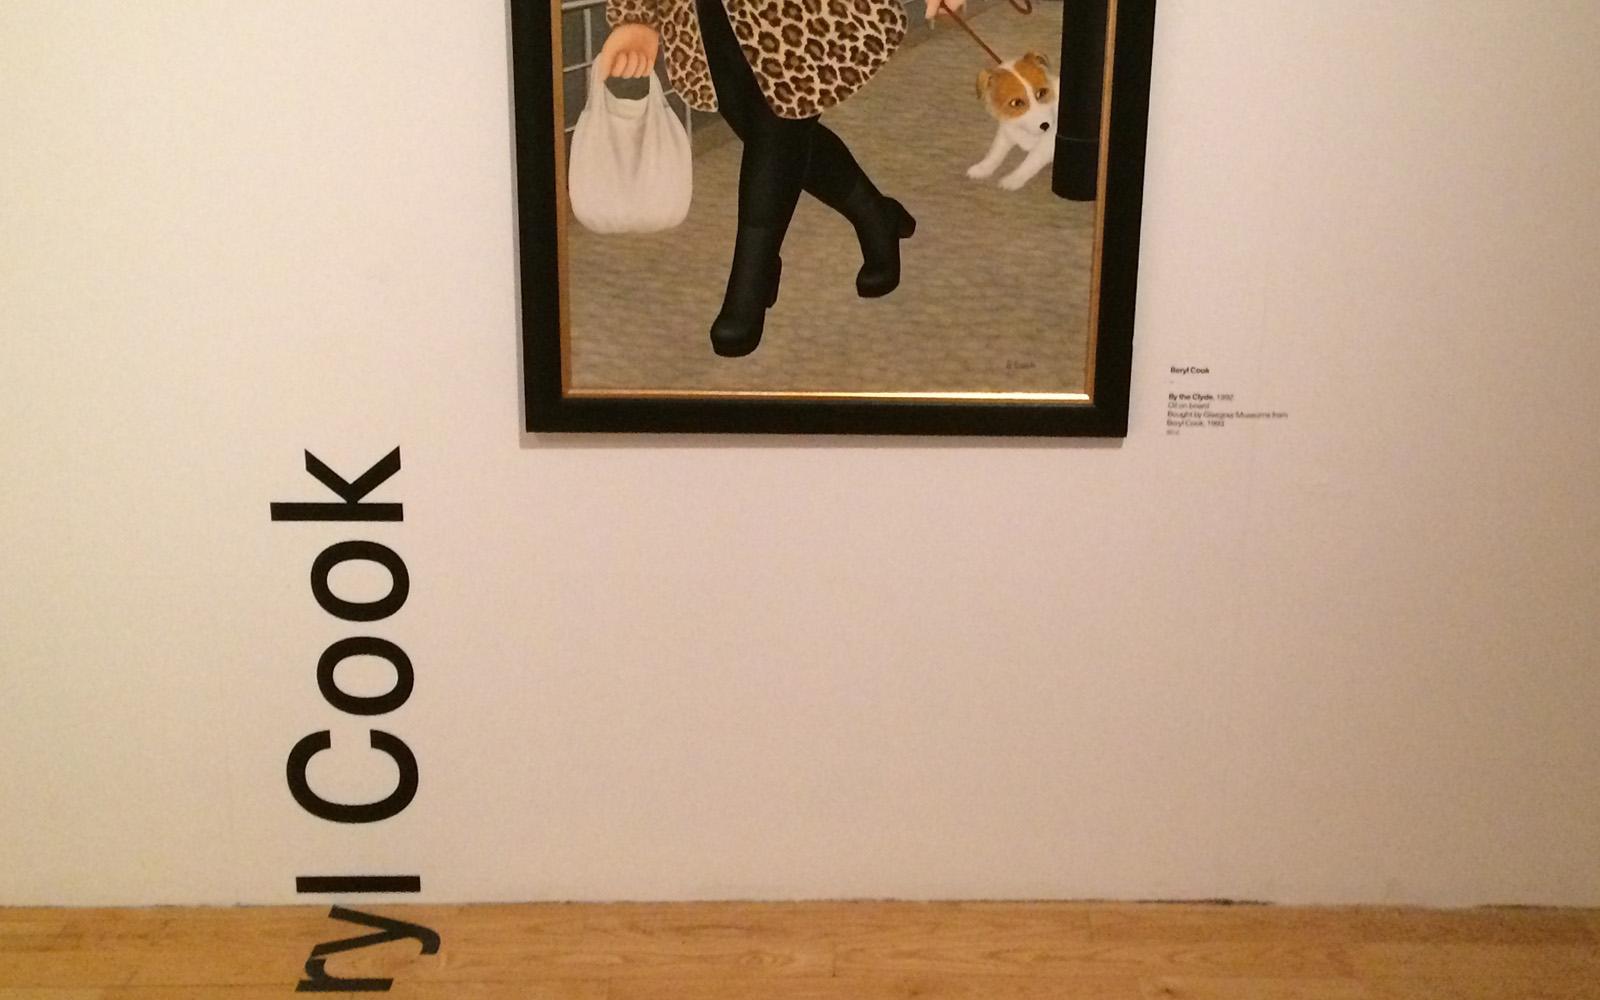 Un'opera di Beryl Cook esposta al GoMA di Glasgow.